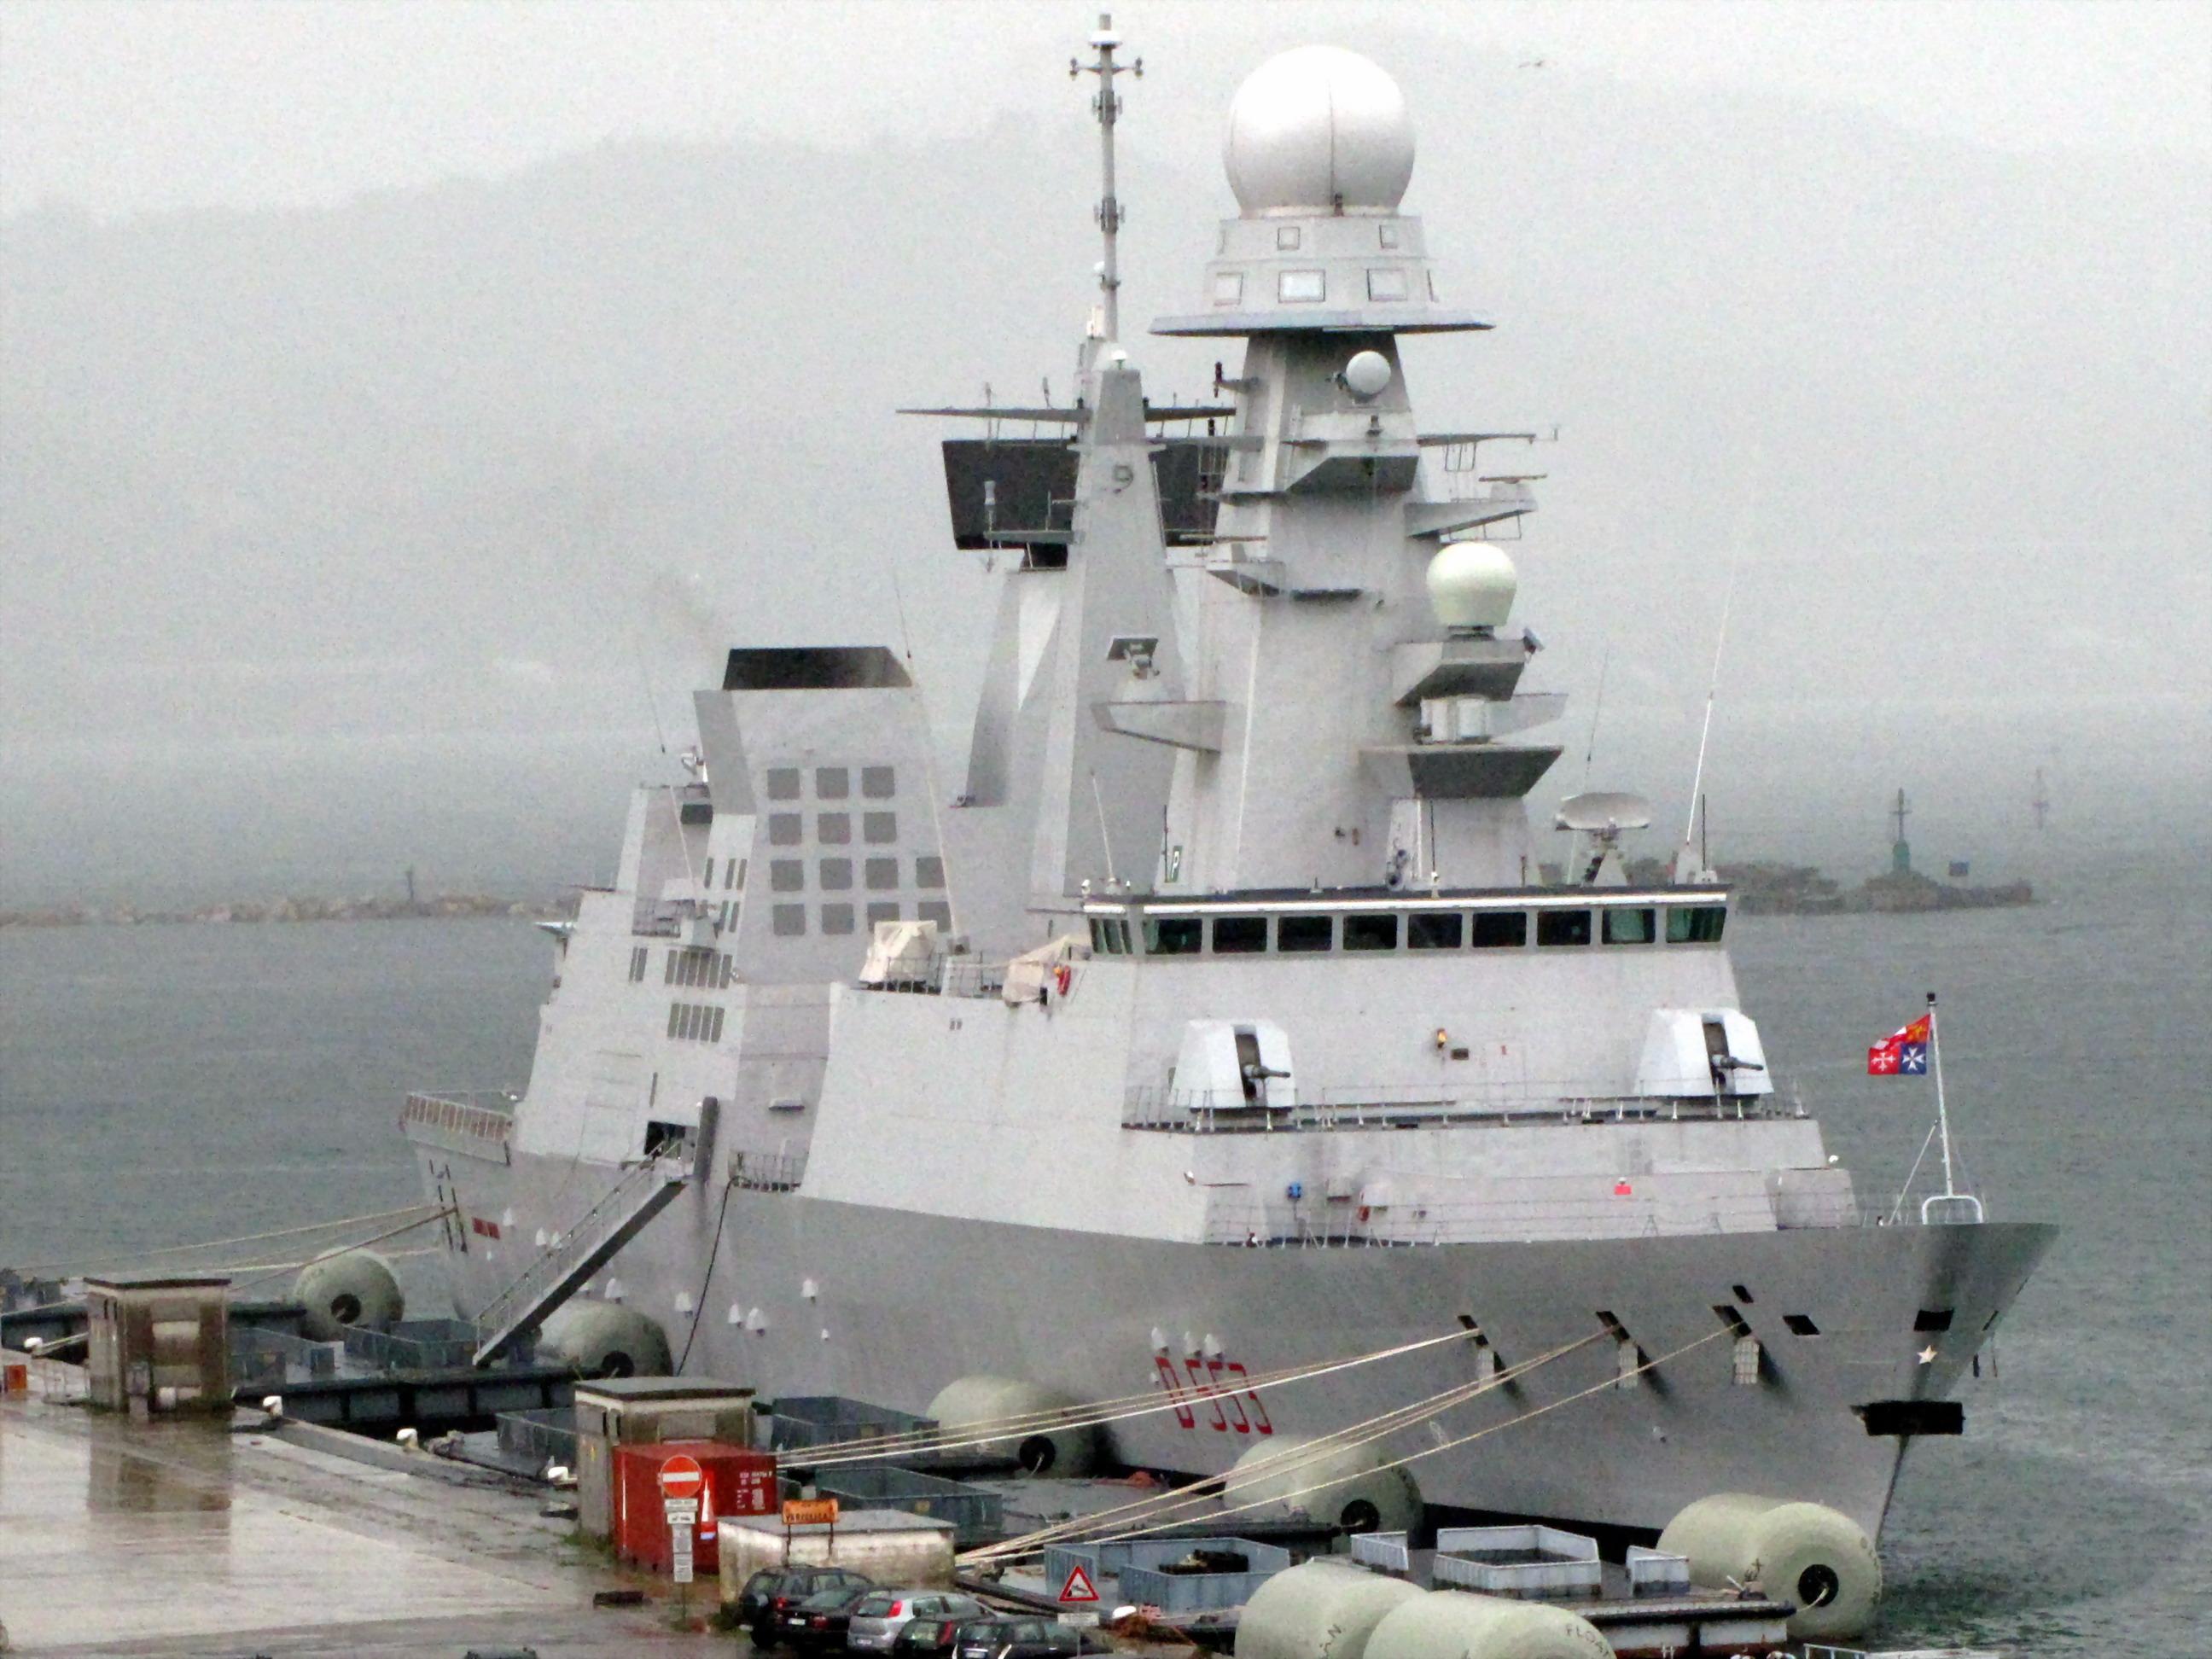 Italian destroyer Andrea Doria - Wikipedia